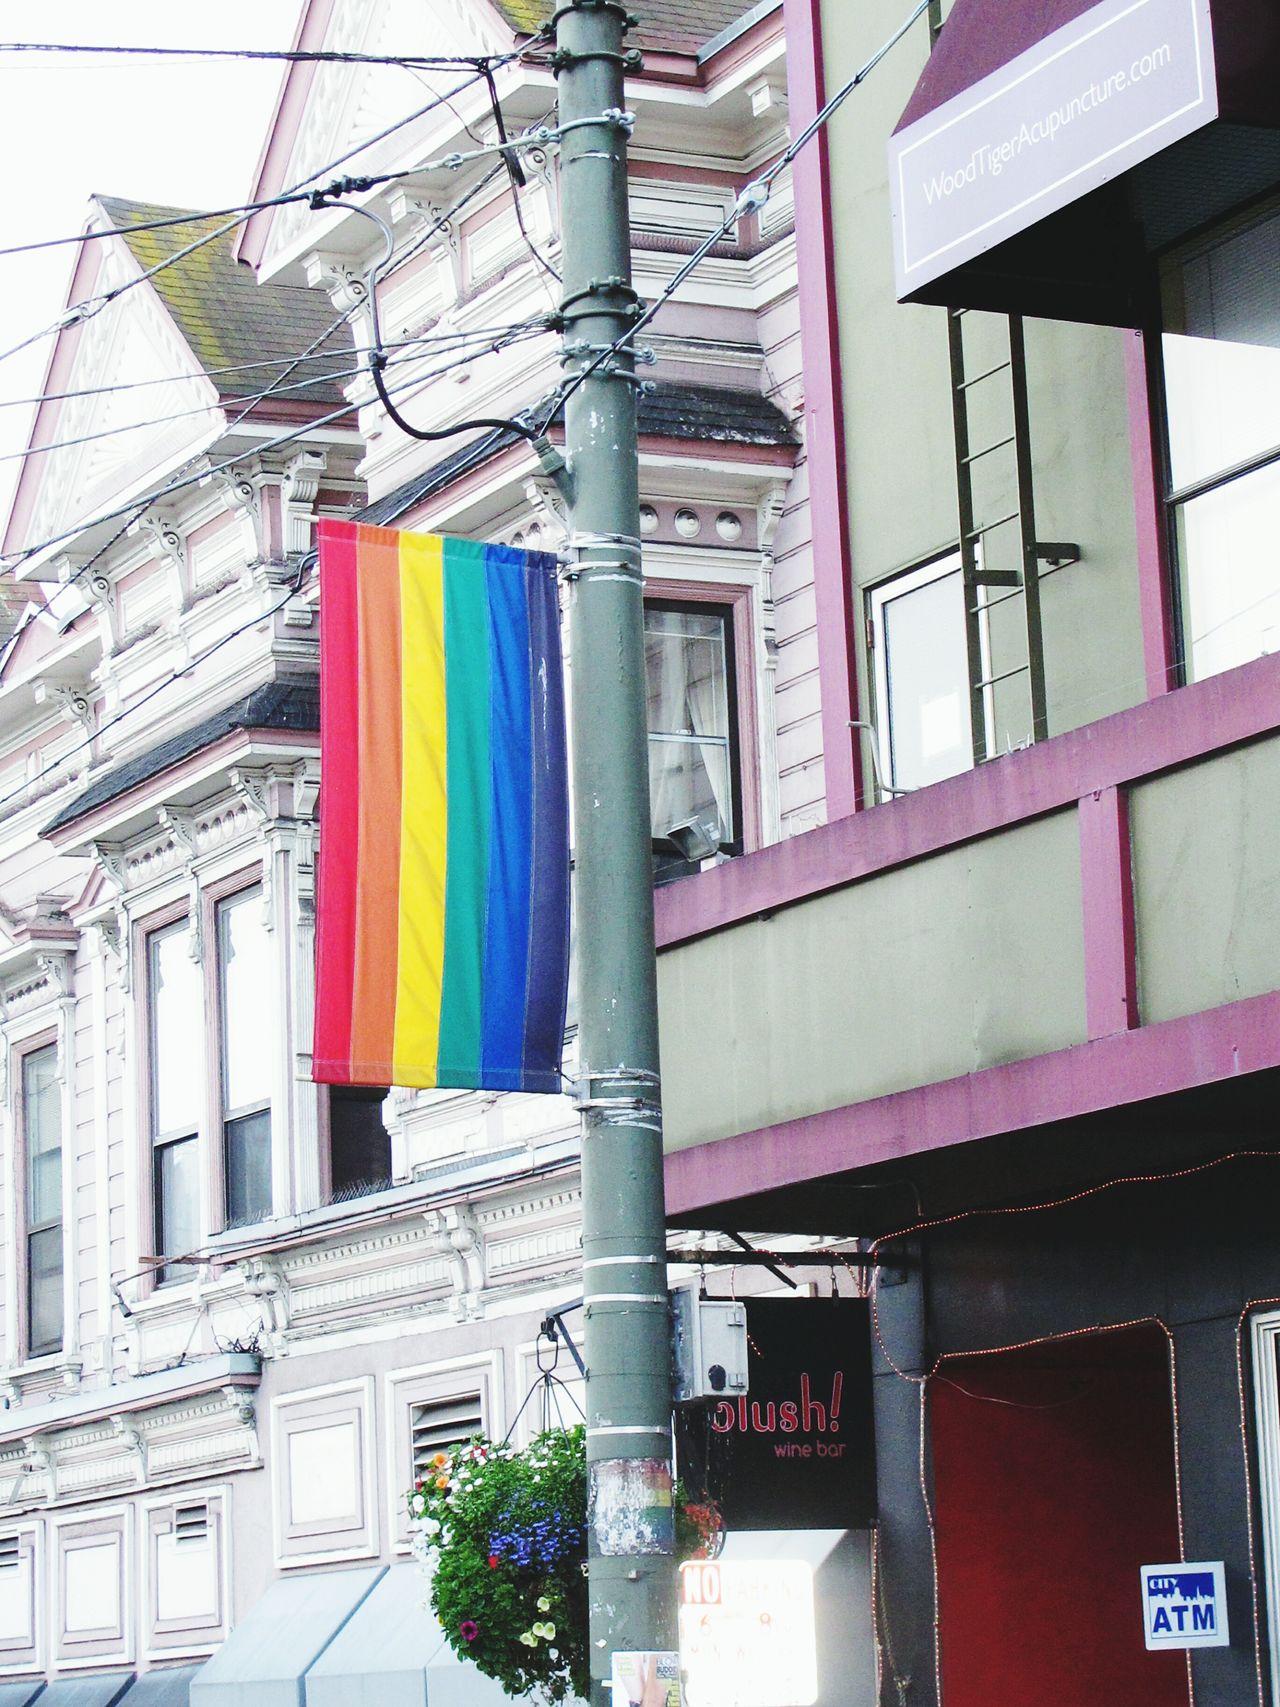 Que no haya más odio, que todos aprendamos a aceptar al que no es igual. Un lugar de libertad: Castro Street en San Francisco Orlando Jesuis Castrostreet Sanfrancisco Diversity Diversidad Equality Igual Igualdad Matrimonioigualitario Lgbt LGBT Rainbows